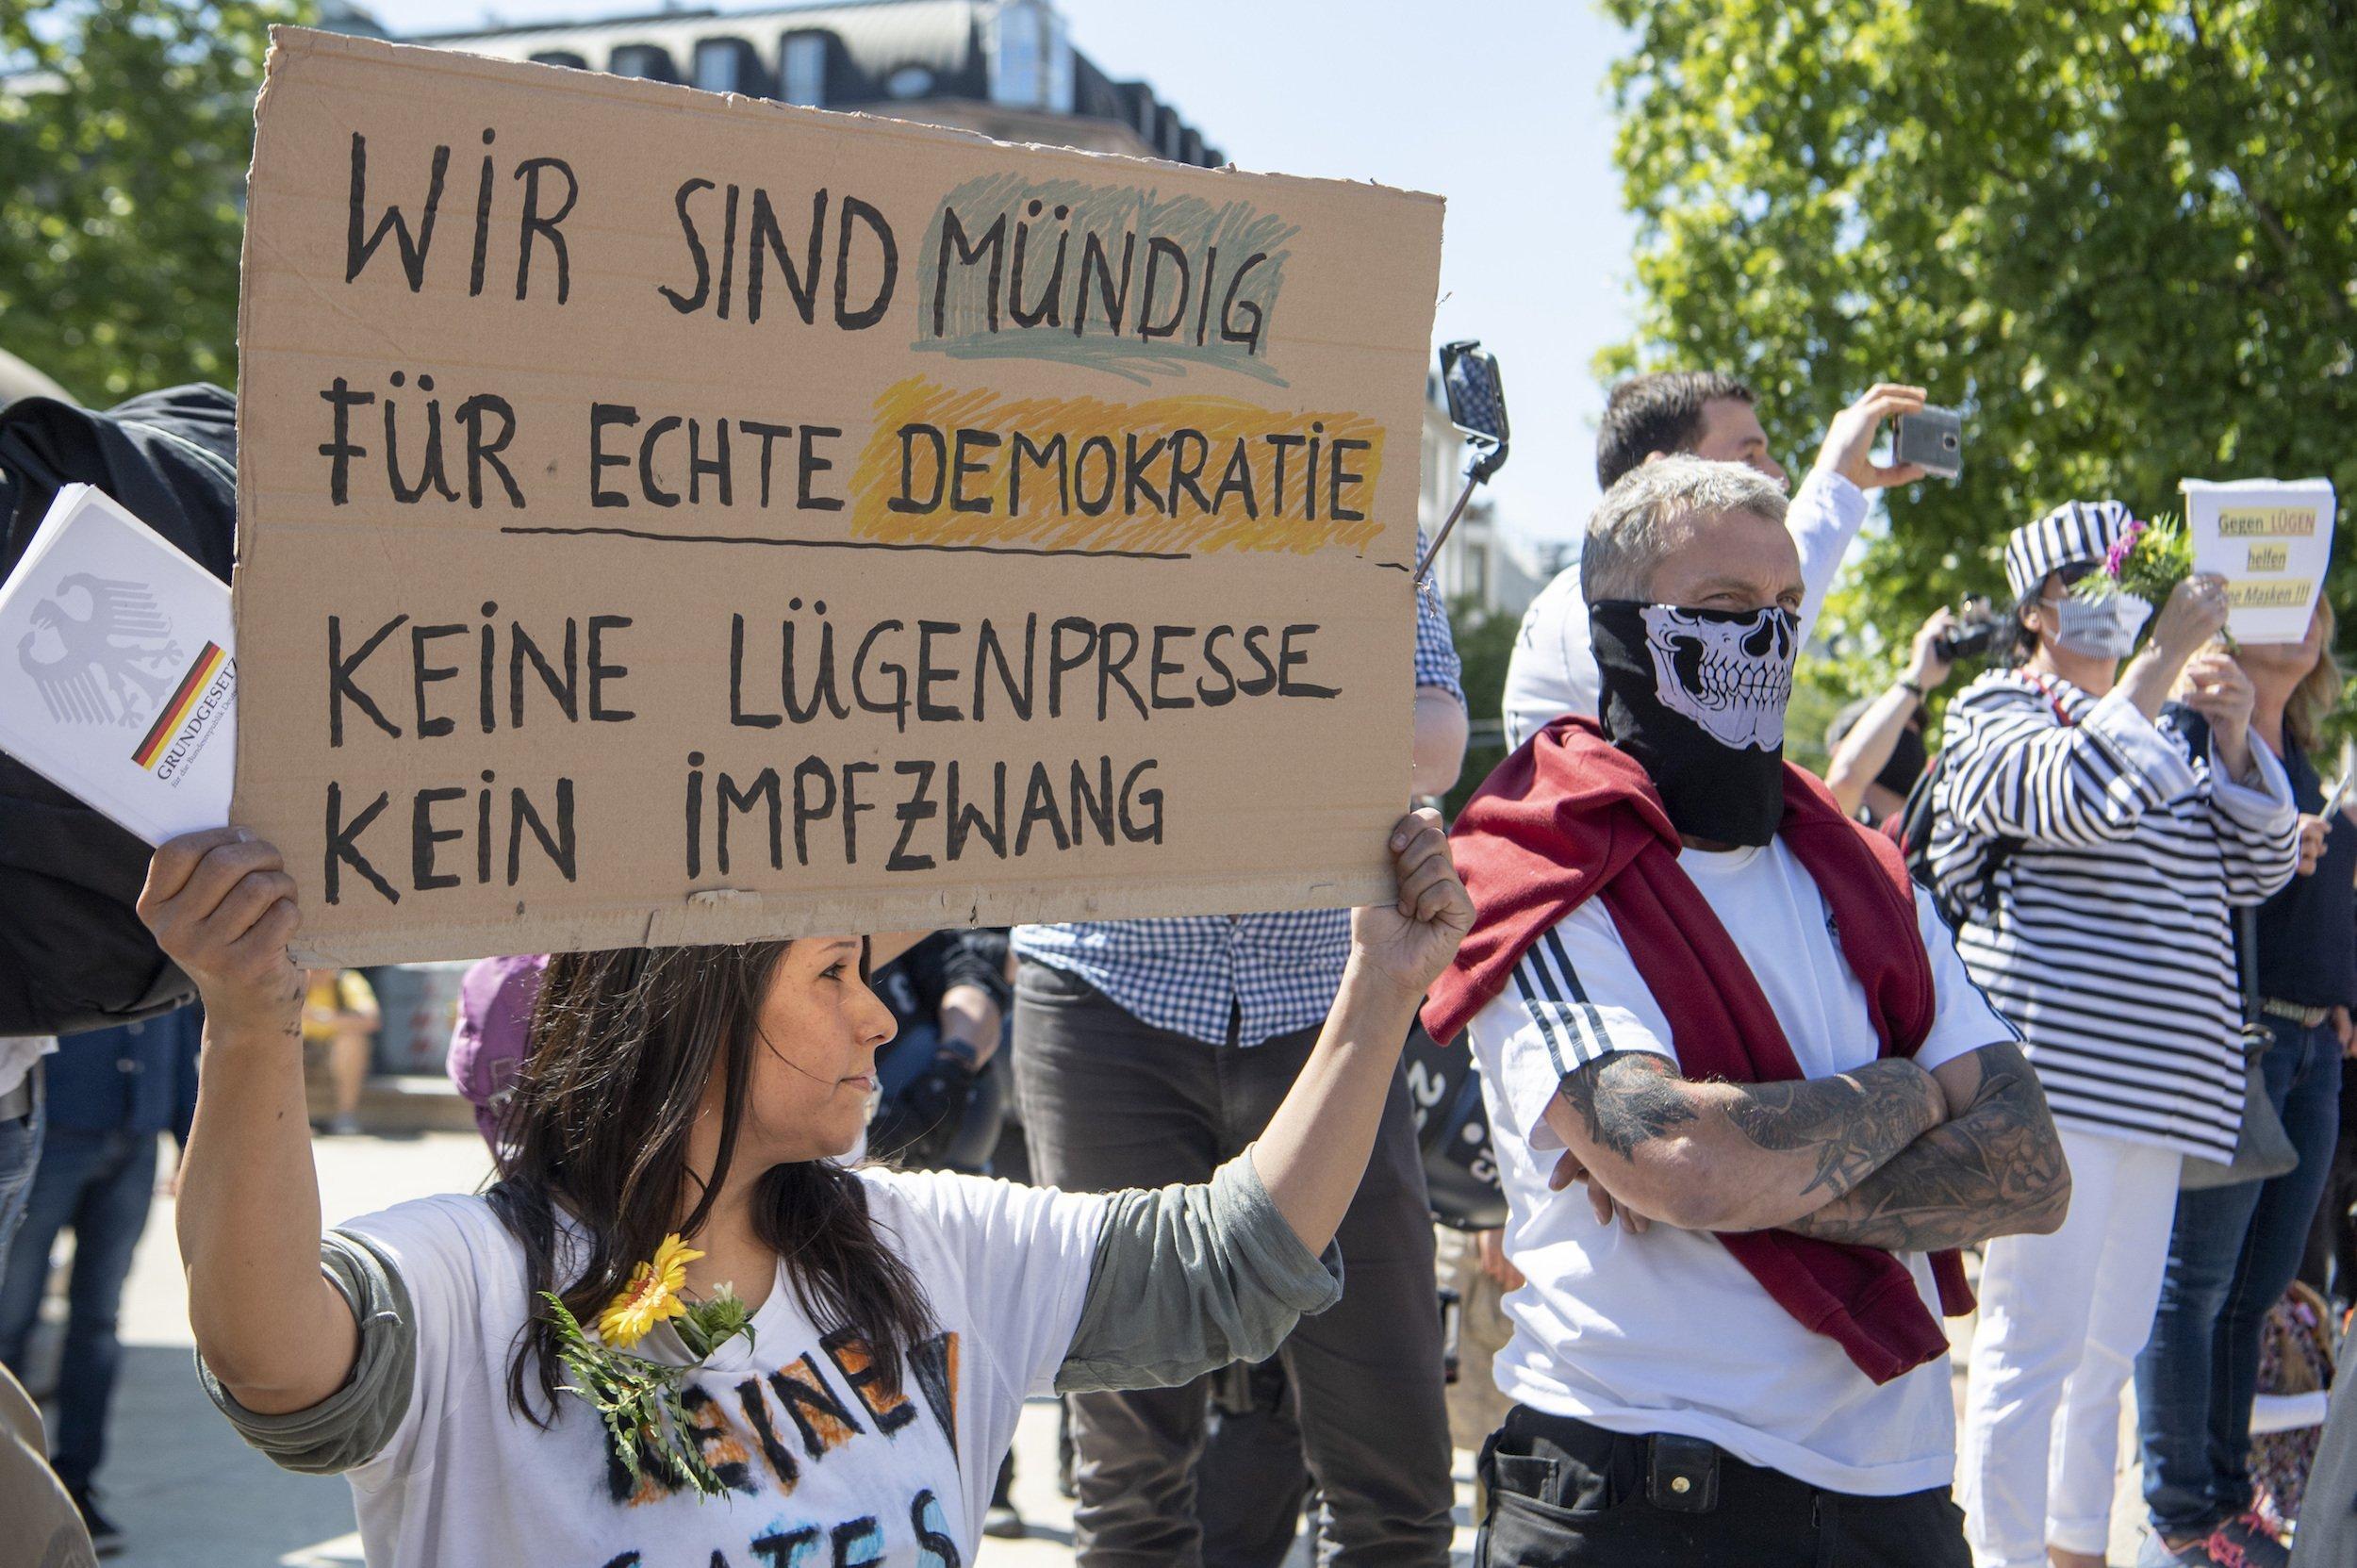 """Demonstrantinnen und Demonstranten. Eine Frau hält ein Pappschild hoch, auf dem steht: """"Wir sind mündig für echte Demokratie – Keine Lügenpresse. Kein Impfzwang"""". Neben ihr steht ein Mann, dessen untere Gesichtshälfte mit einem Tuch verdeckt ist, auf dem ein Totenschädel zu sehen ist. Daneben eine Person in Sträflingskleidung."""